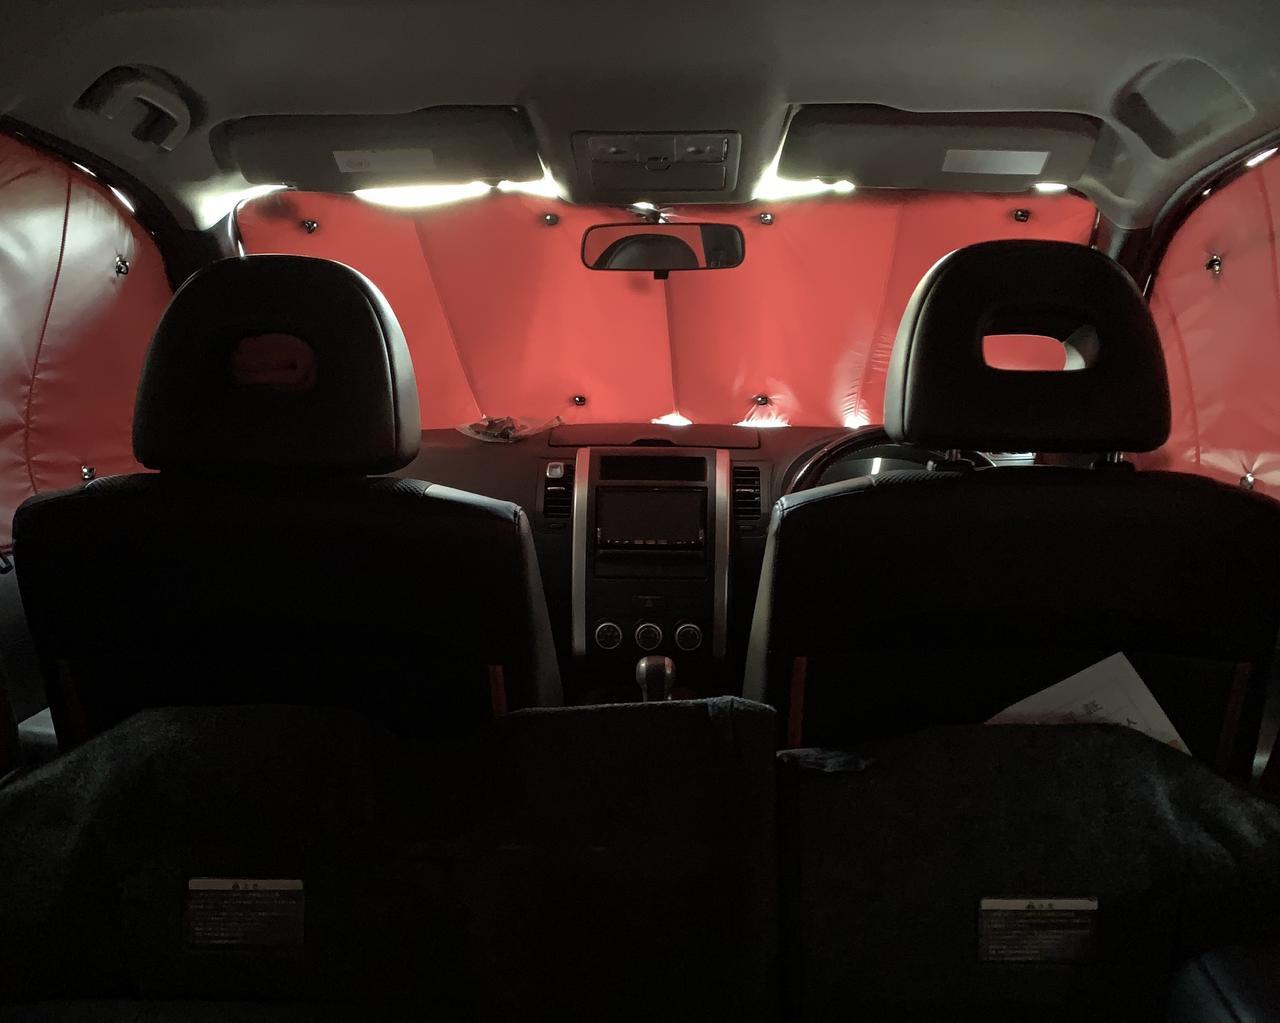 画像: 車にサンシェードは必要なの? 効果や選び方・車中泊キャンパーのおすすめをご紹介 - ハピキャン キャンプ・アウトドア情報メディア